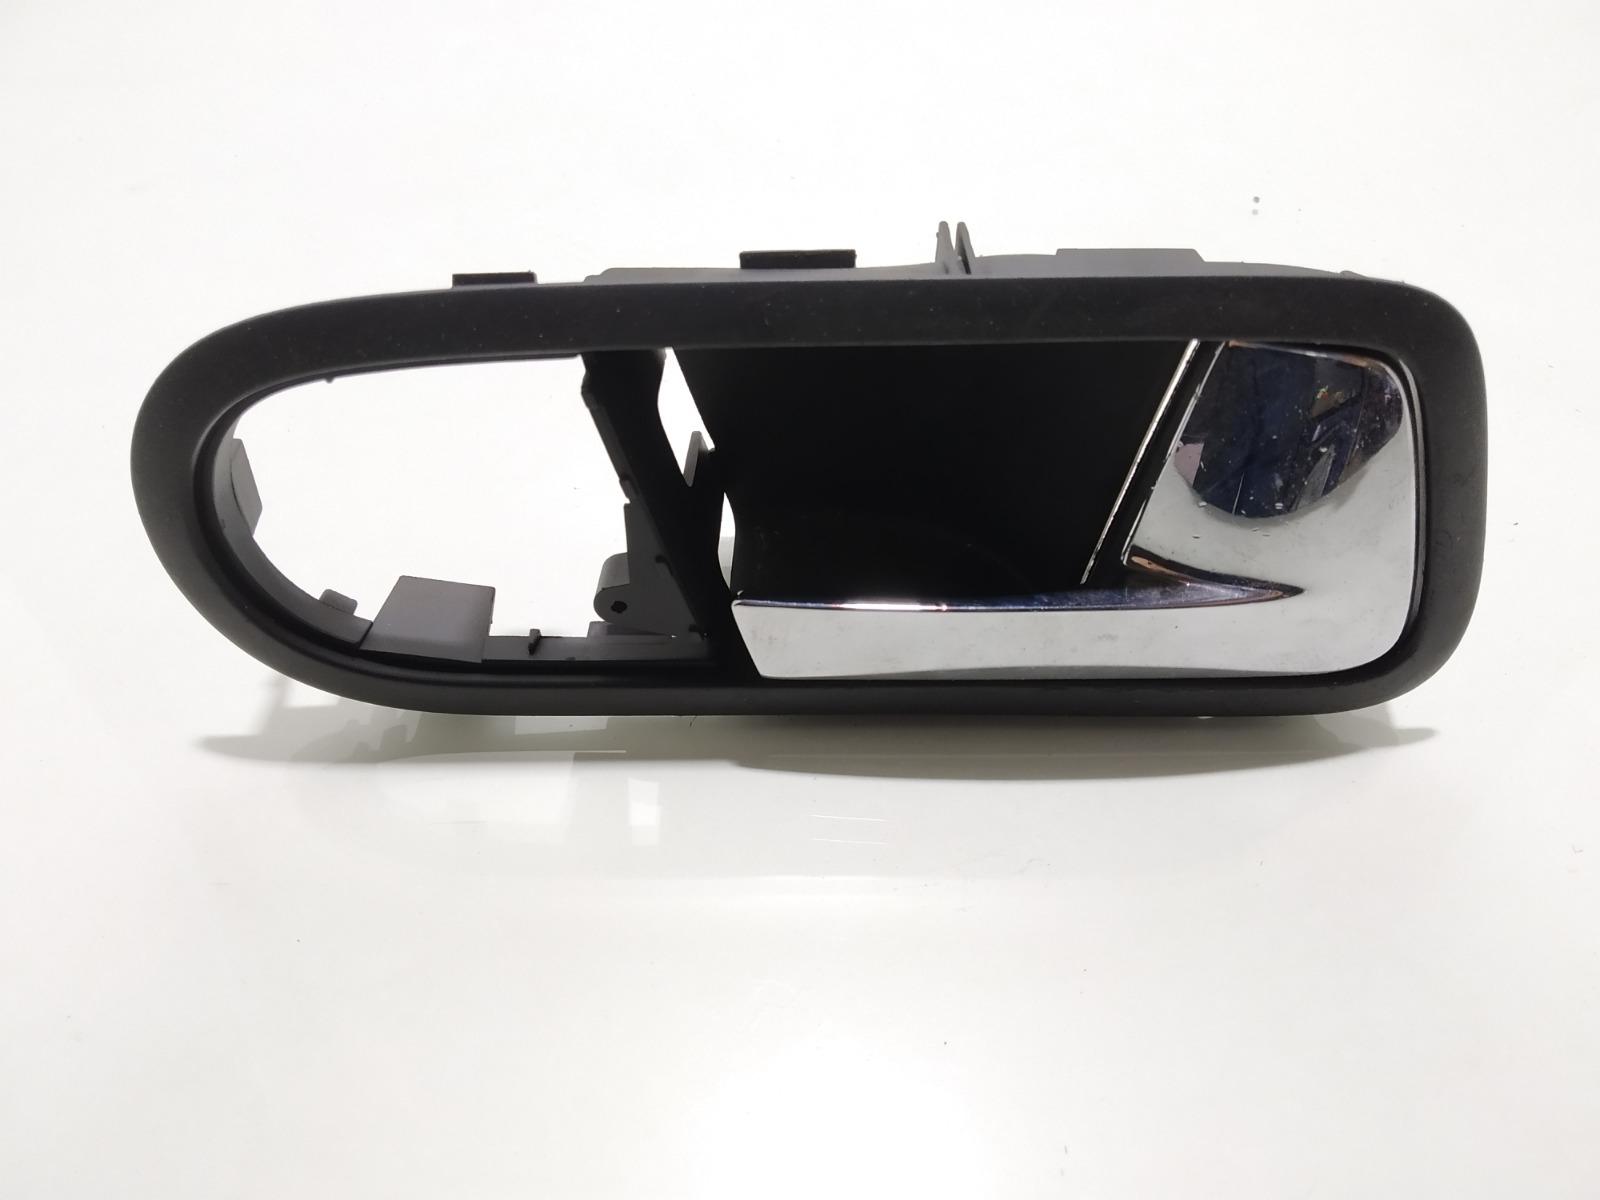 Ручка внутренняя передняя правая Ford Galaxy 1.9 TDI 2005 (б/у)